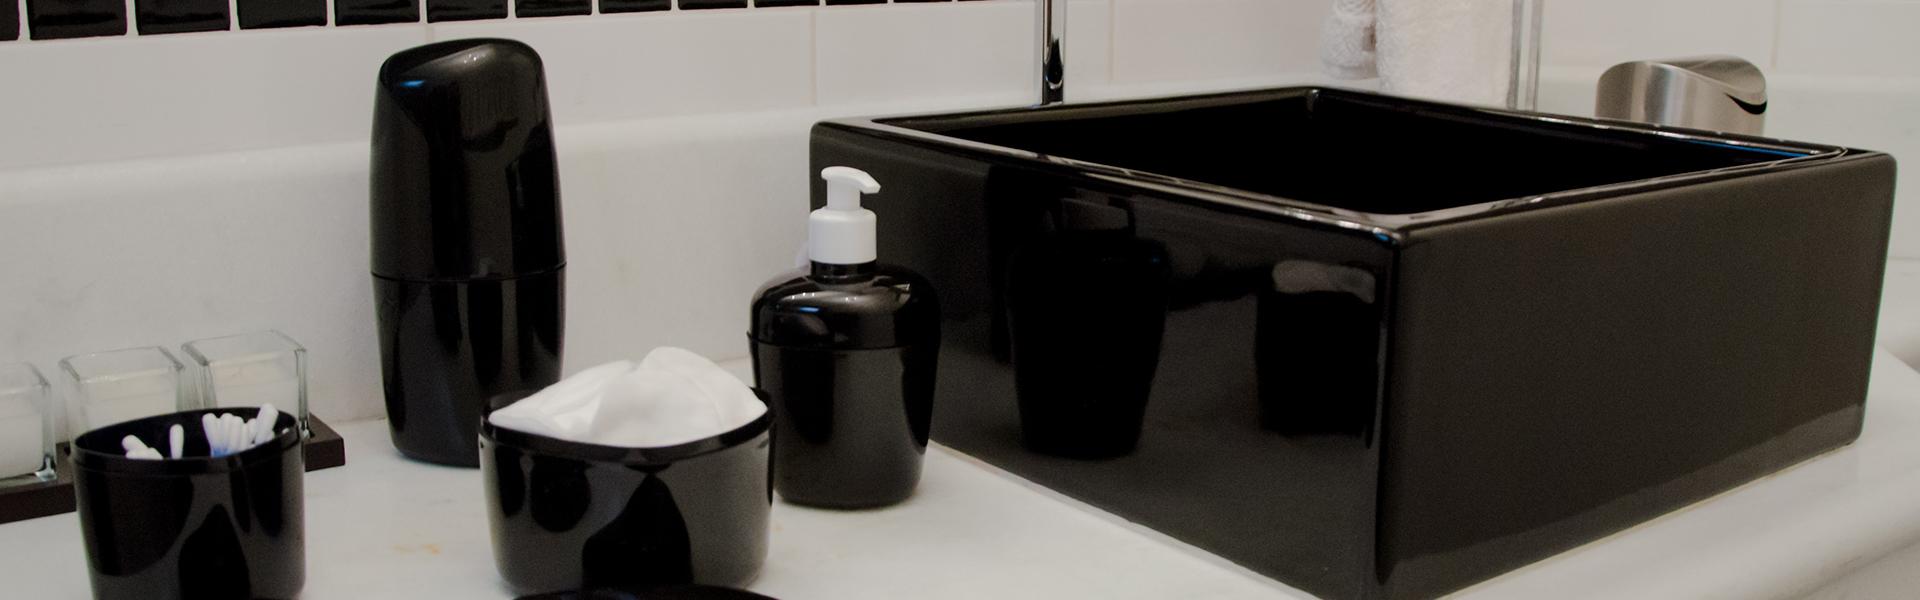 Banheiro - Porta-sabonete líquido